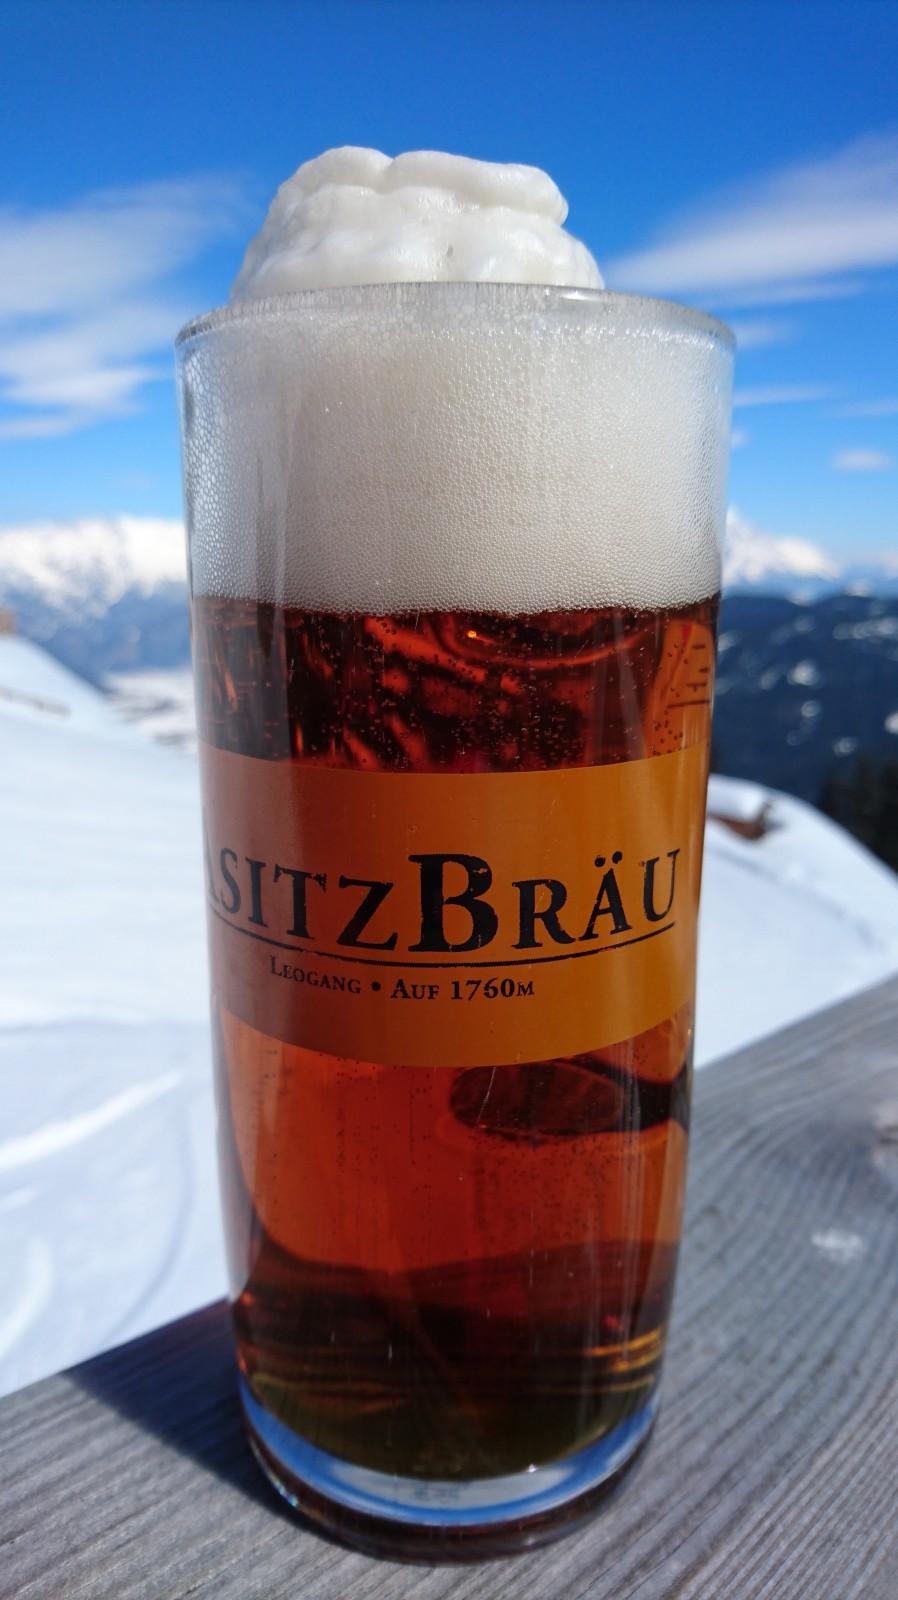 Vollmundig, würzig und auch optisch schön: Das Edel-Bier des